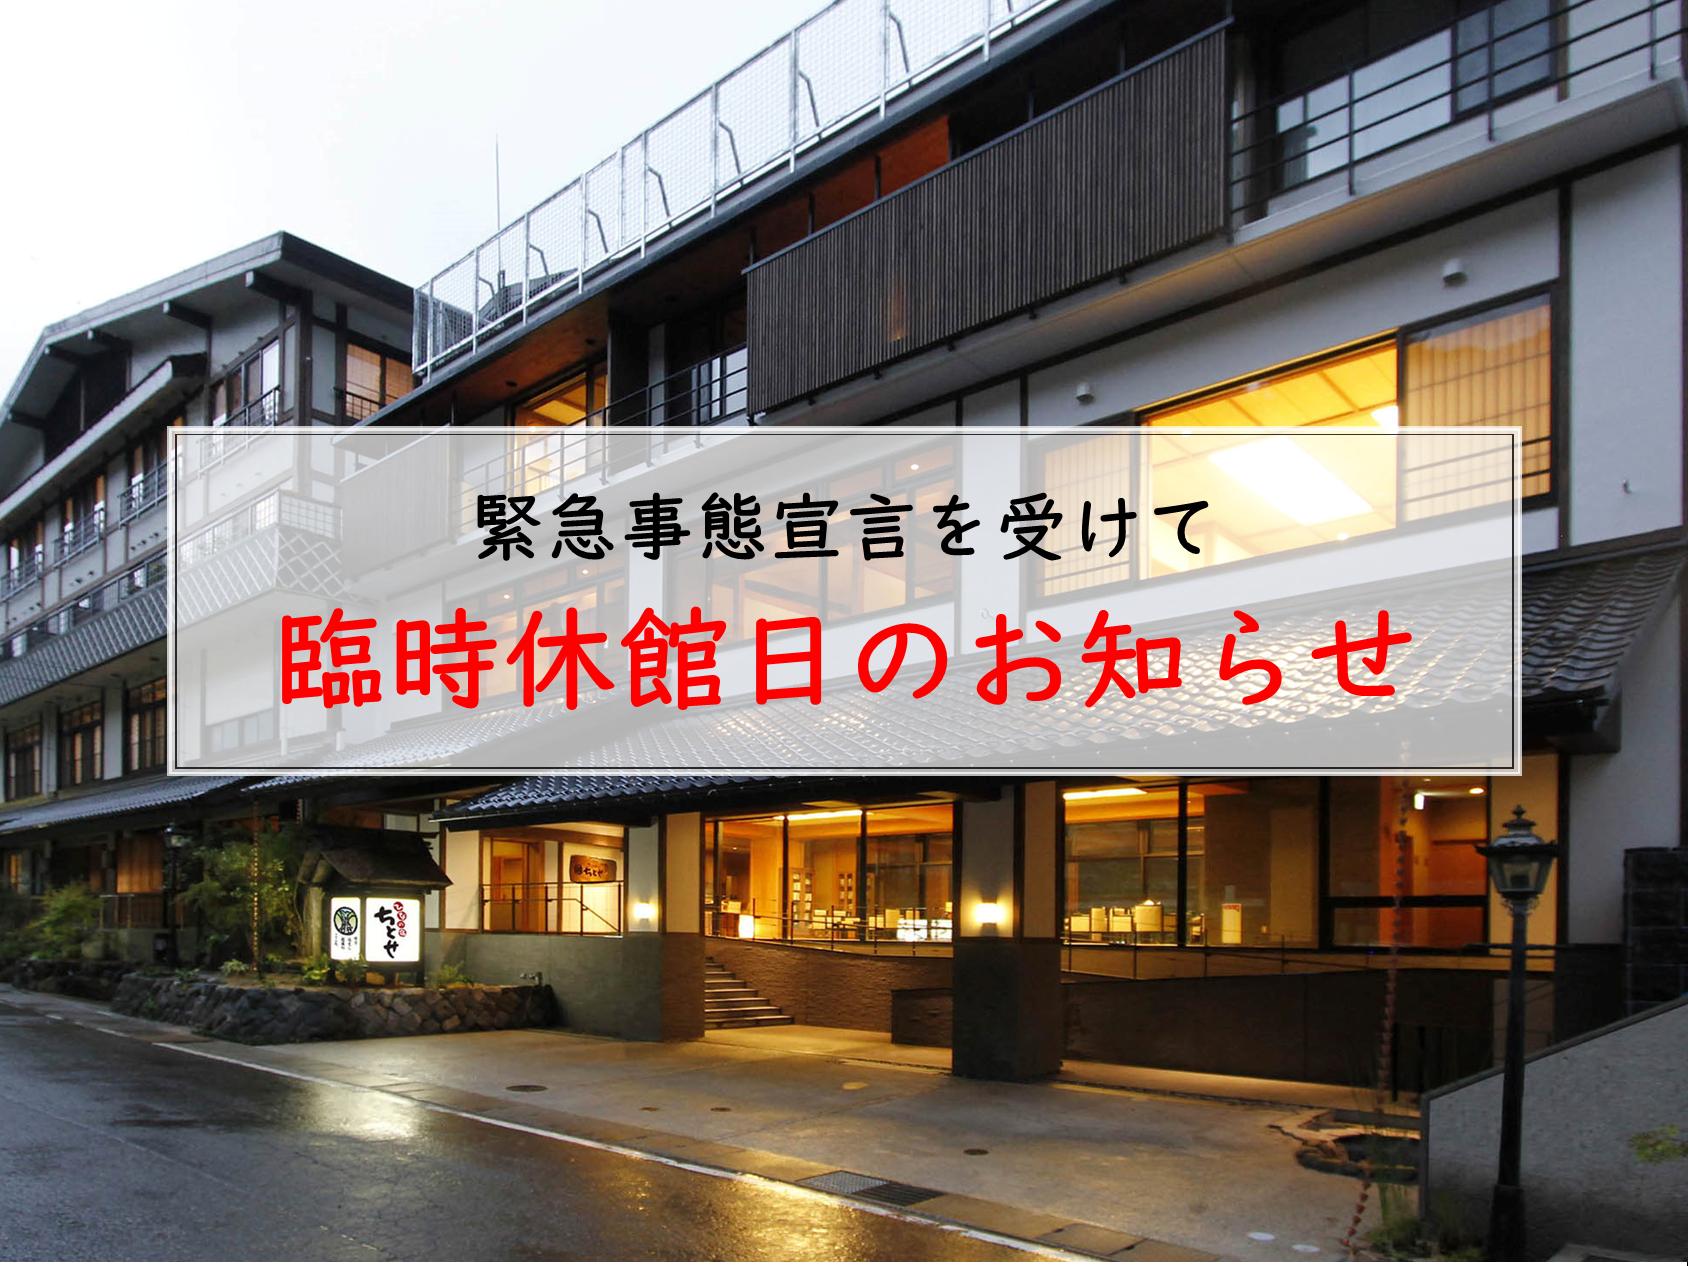 【重要なお知らせ】緊急事態宣言を受けての臨時休館日のお知らせ